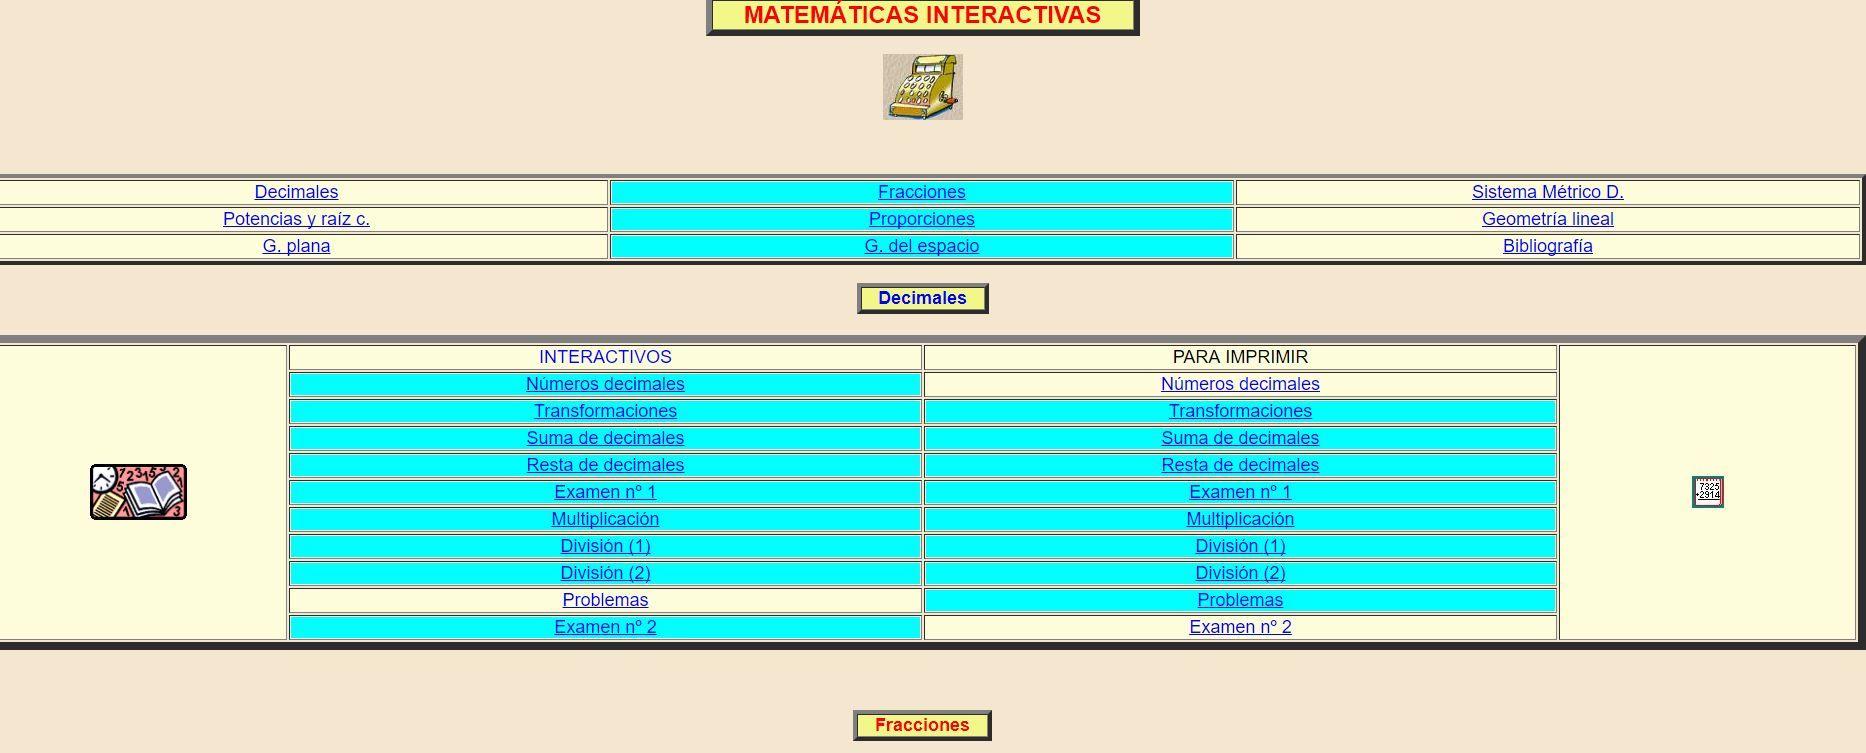 matemáticas interactivas-webs para aprender matemáticas